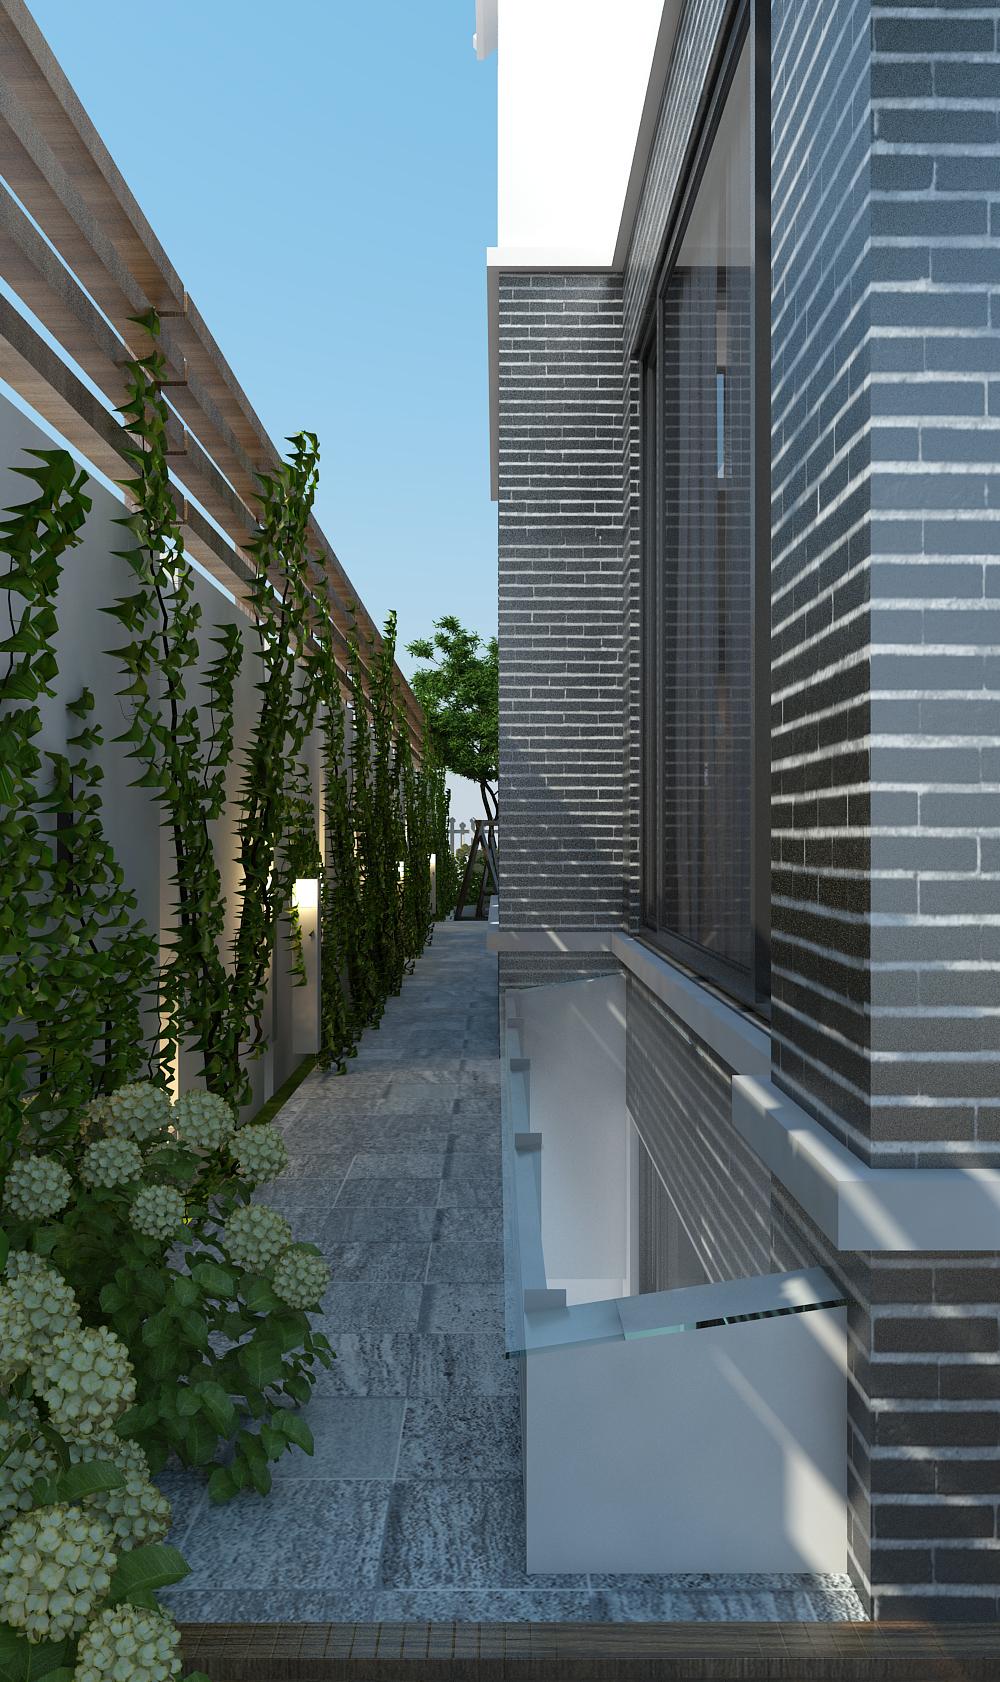 thiết kế nội thất Biệt Thự tại Hà Nội bt Vinhomes - riverside 7 1568085331